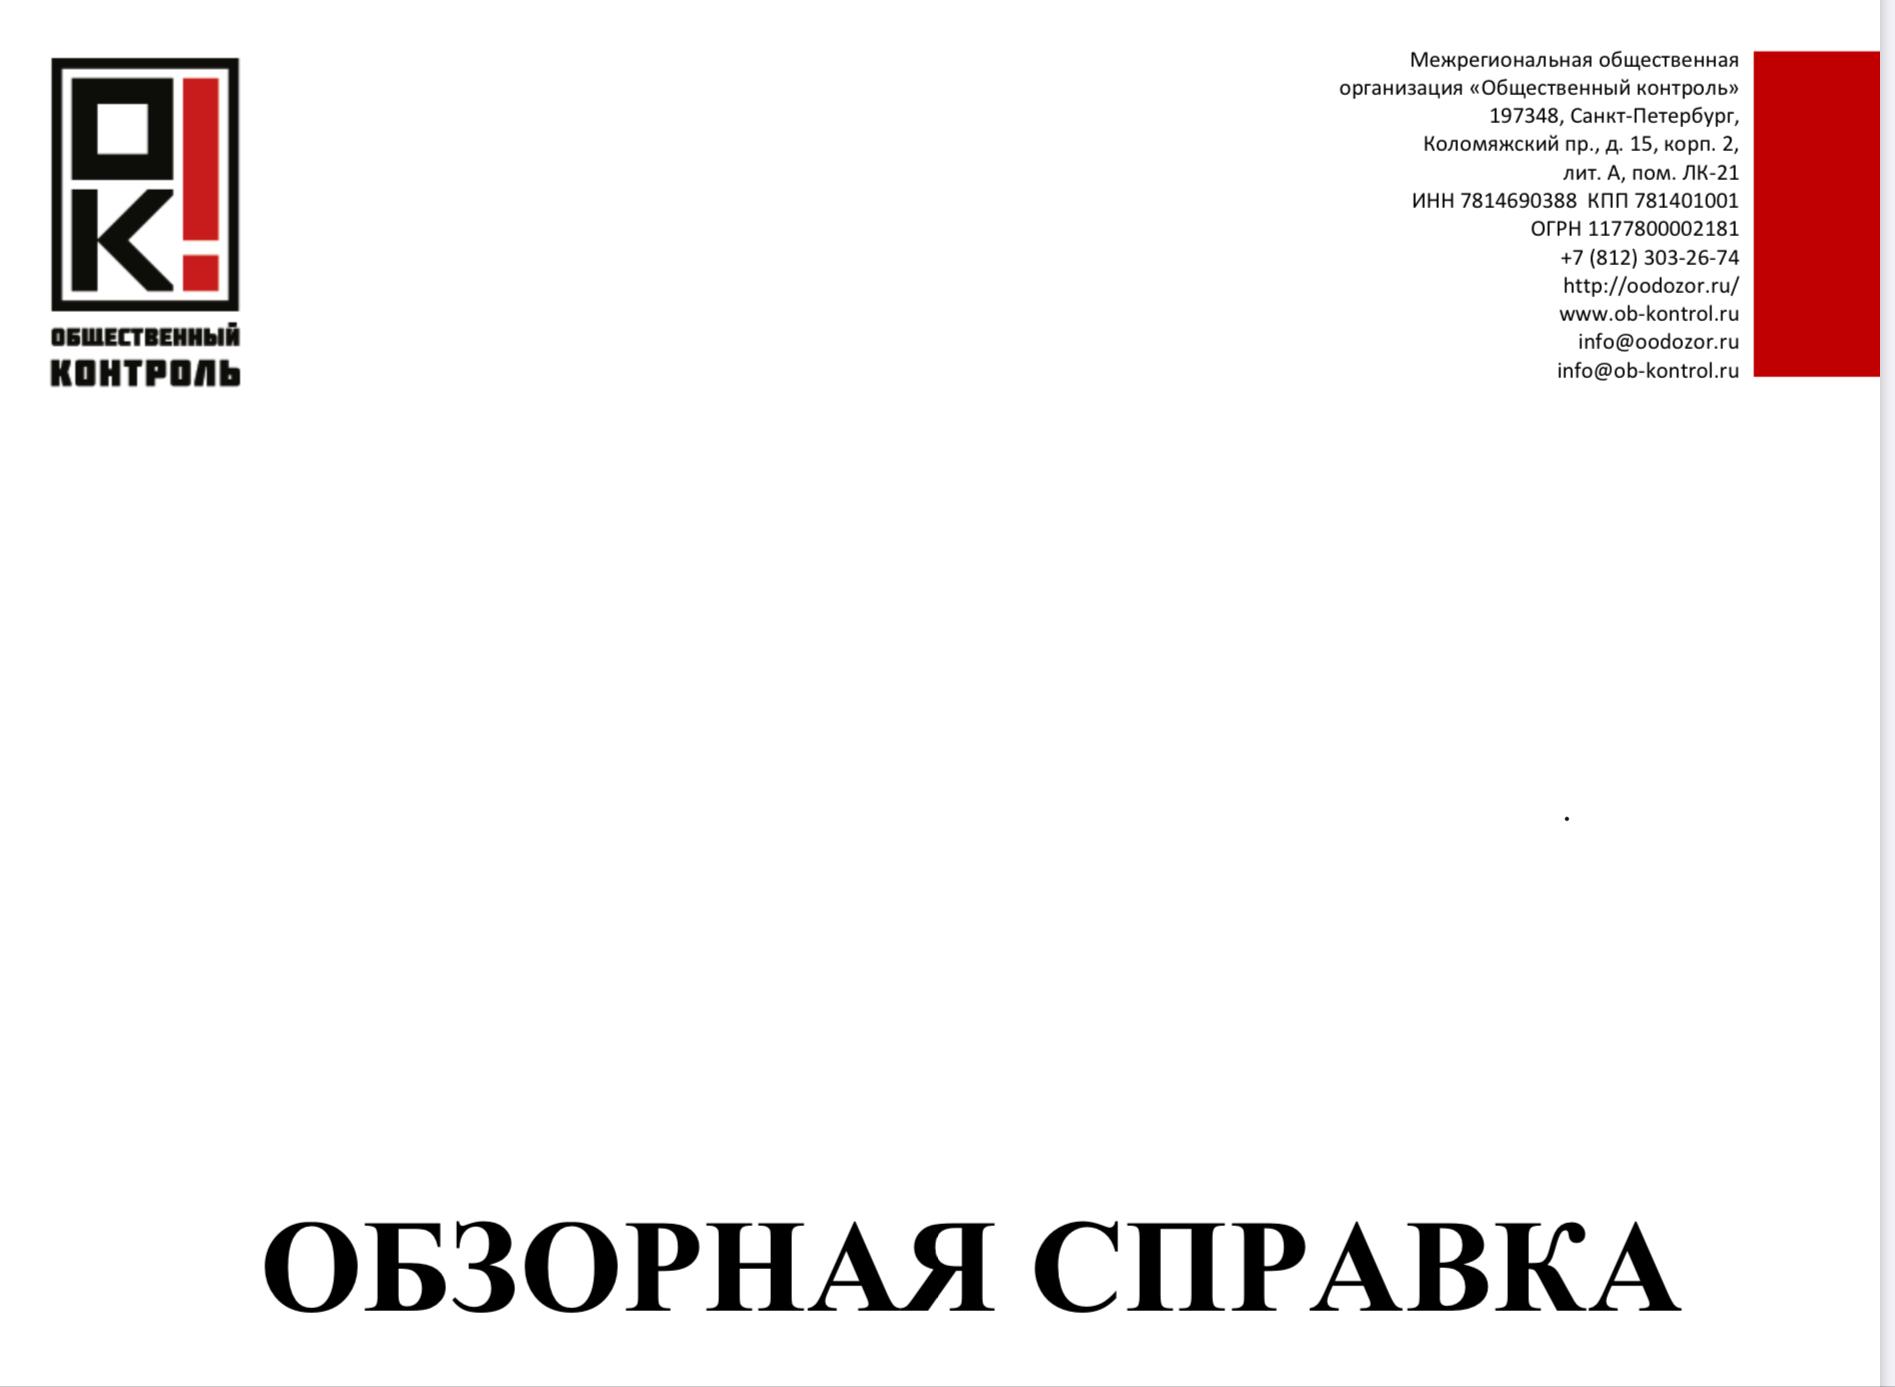 Все полученные ответы на обращения в ГД РФ, Совет Федерации РФ от 05.11.2020 по обзорной справке по социальным объектам (Лиственная ул.)